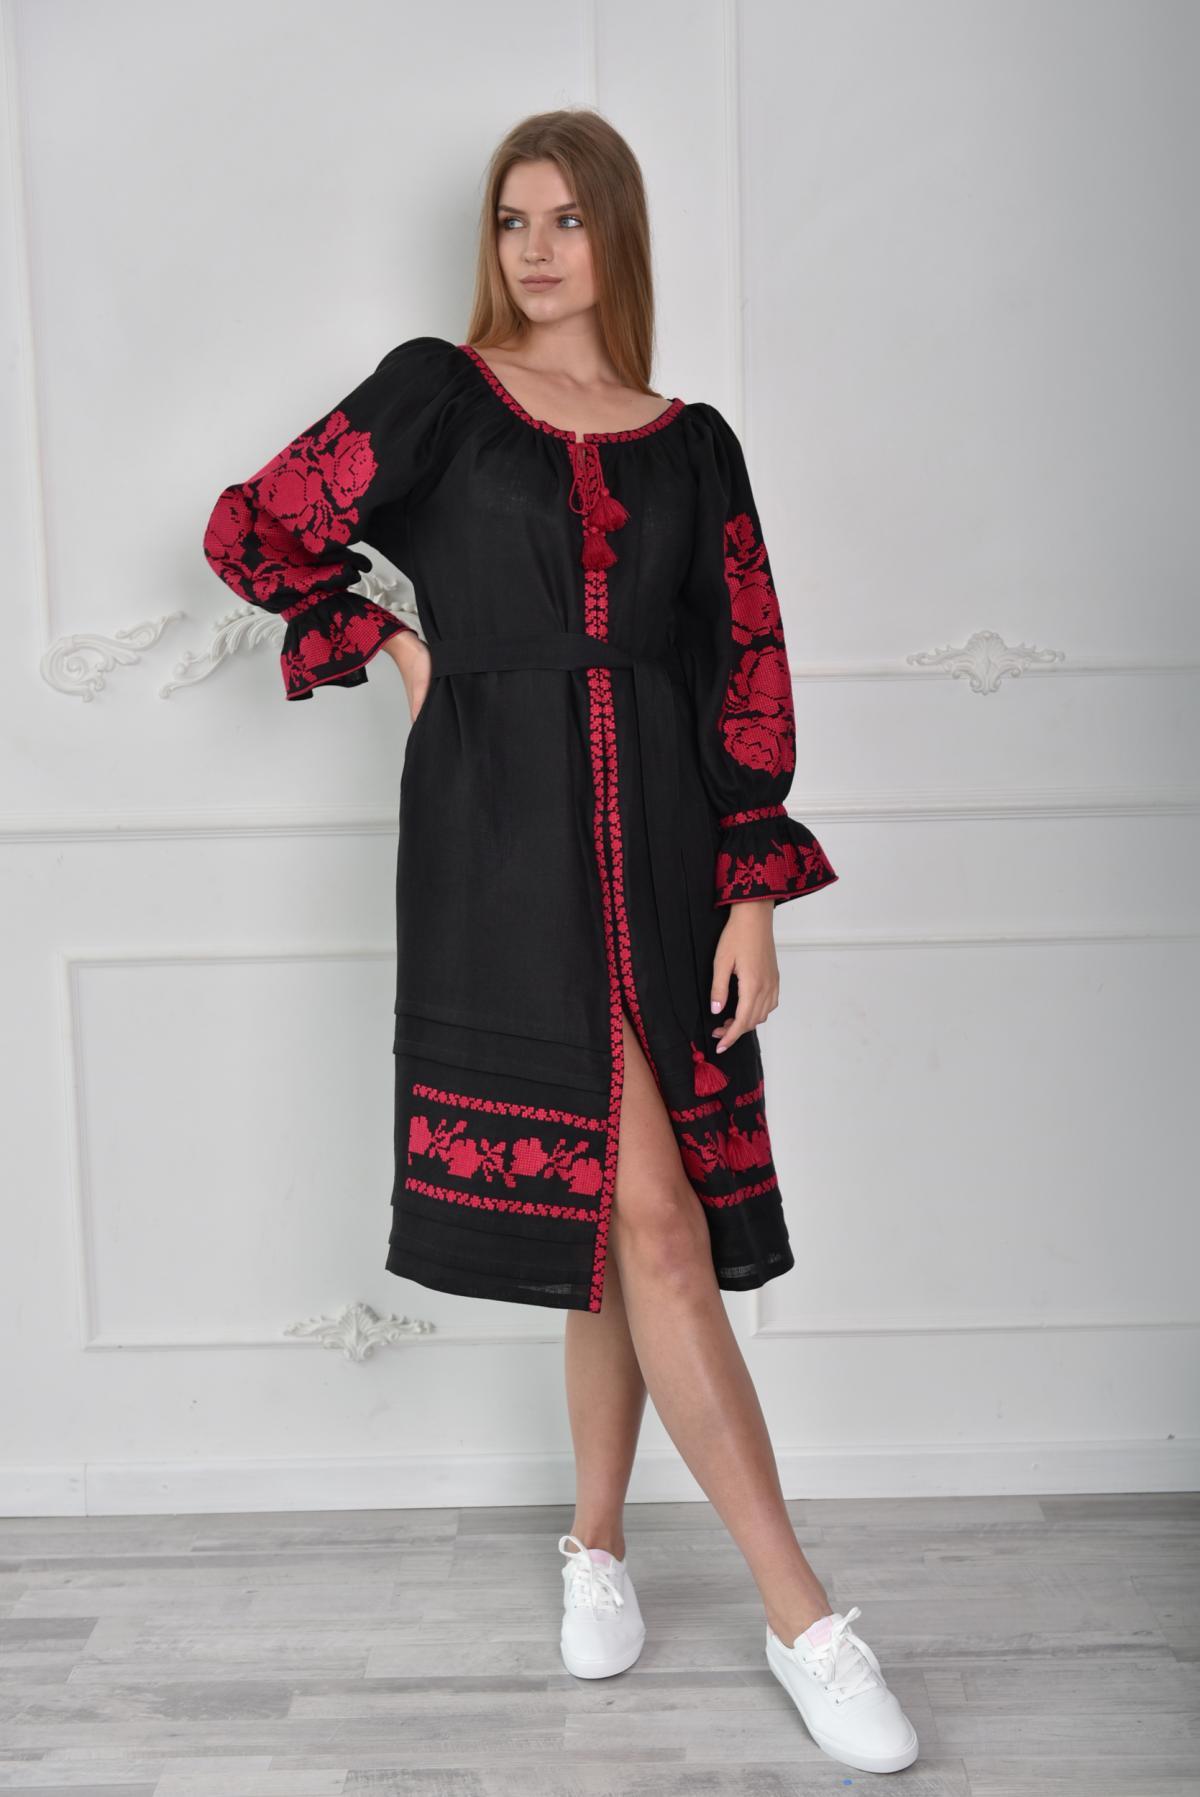 Черное платье-миди с малиновой вышивкой. Фото №1. | Народный дом Украина